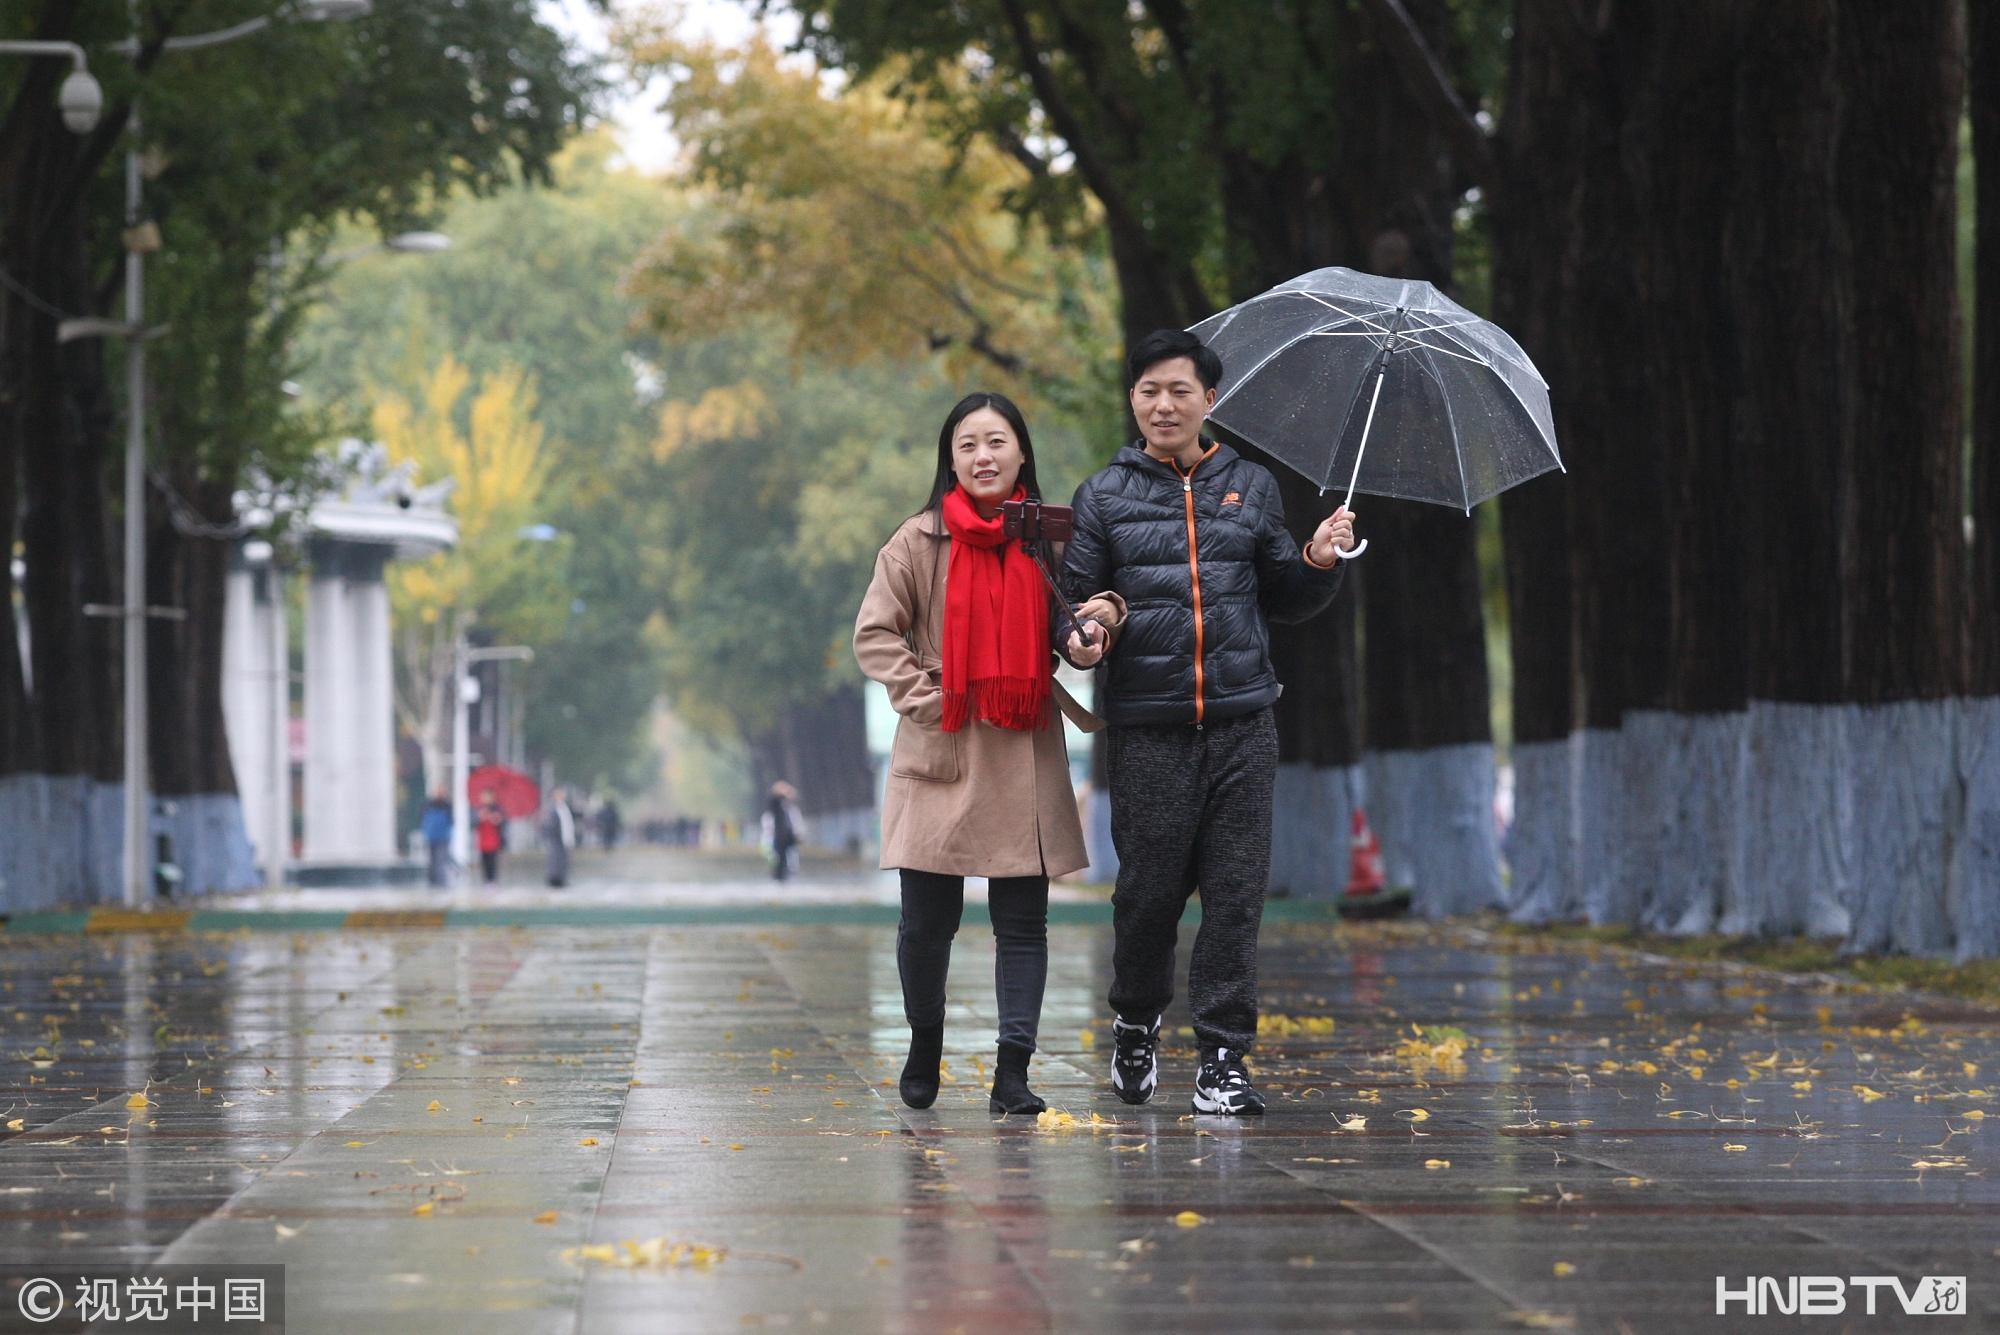 哈尔滨迎降雨 市民撑伞出行赏秋景